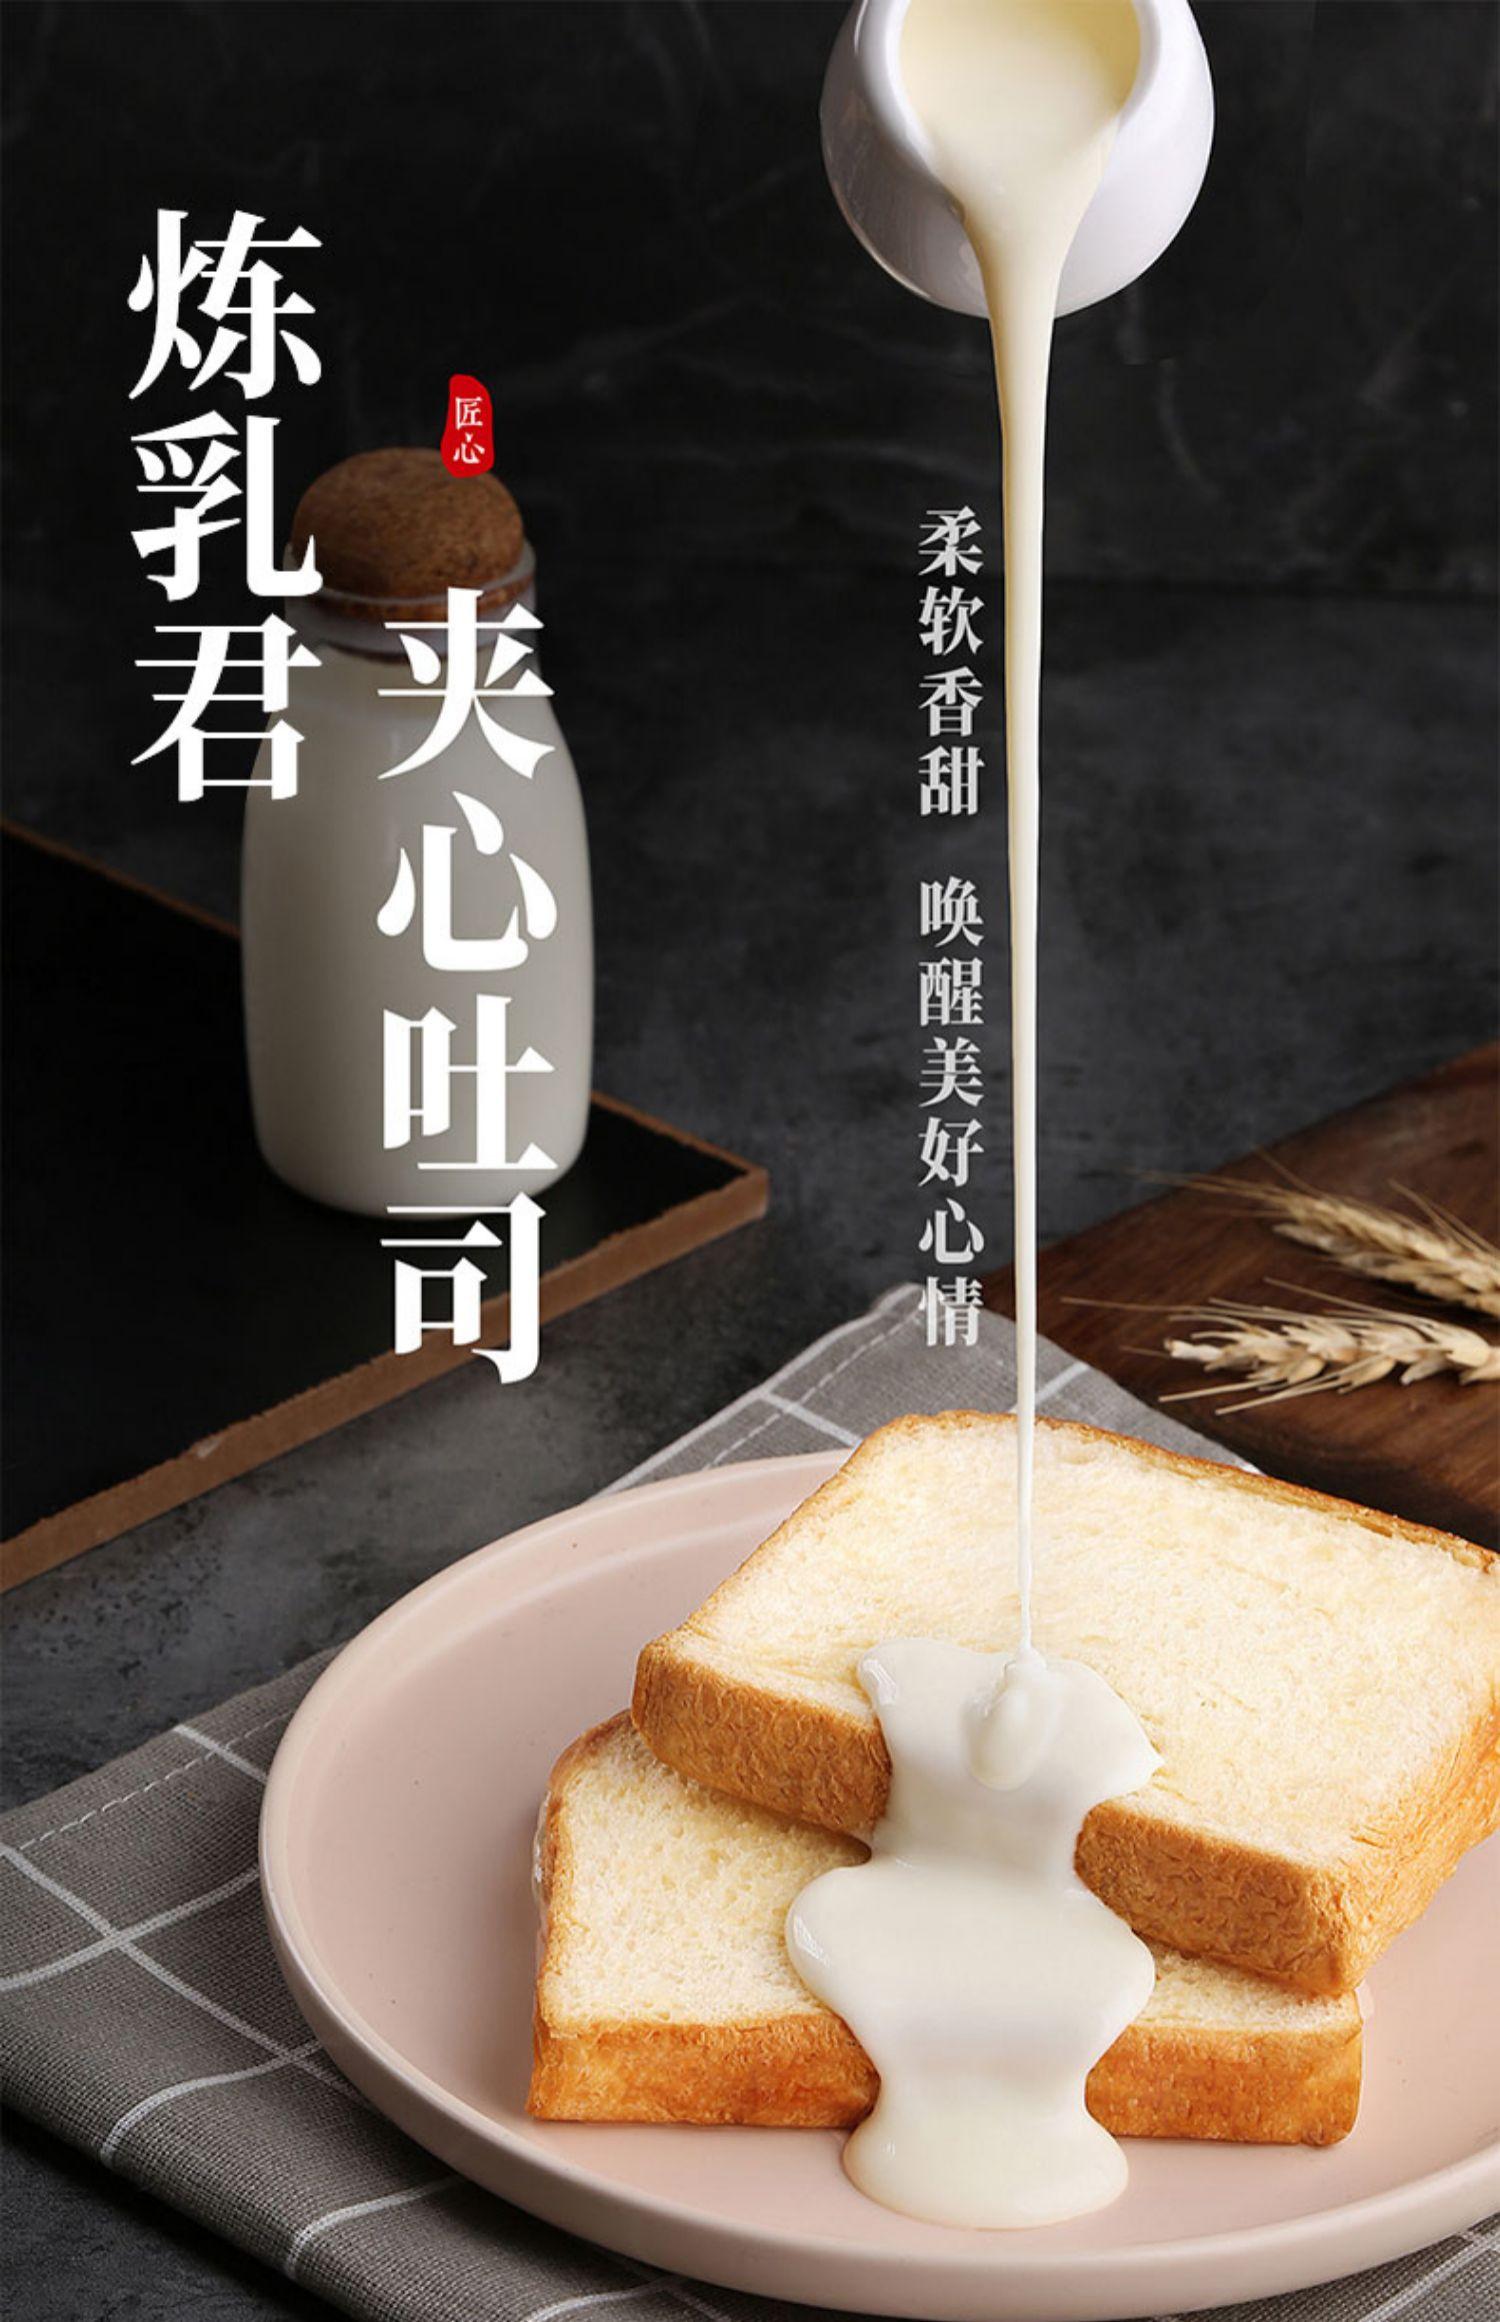 巧嘴狐吐司面包夹心500克 1